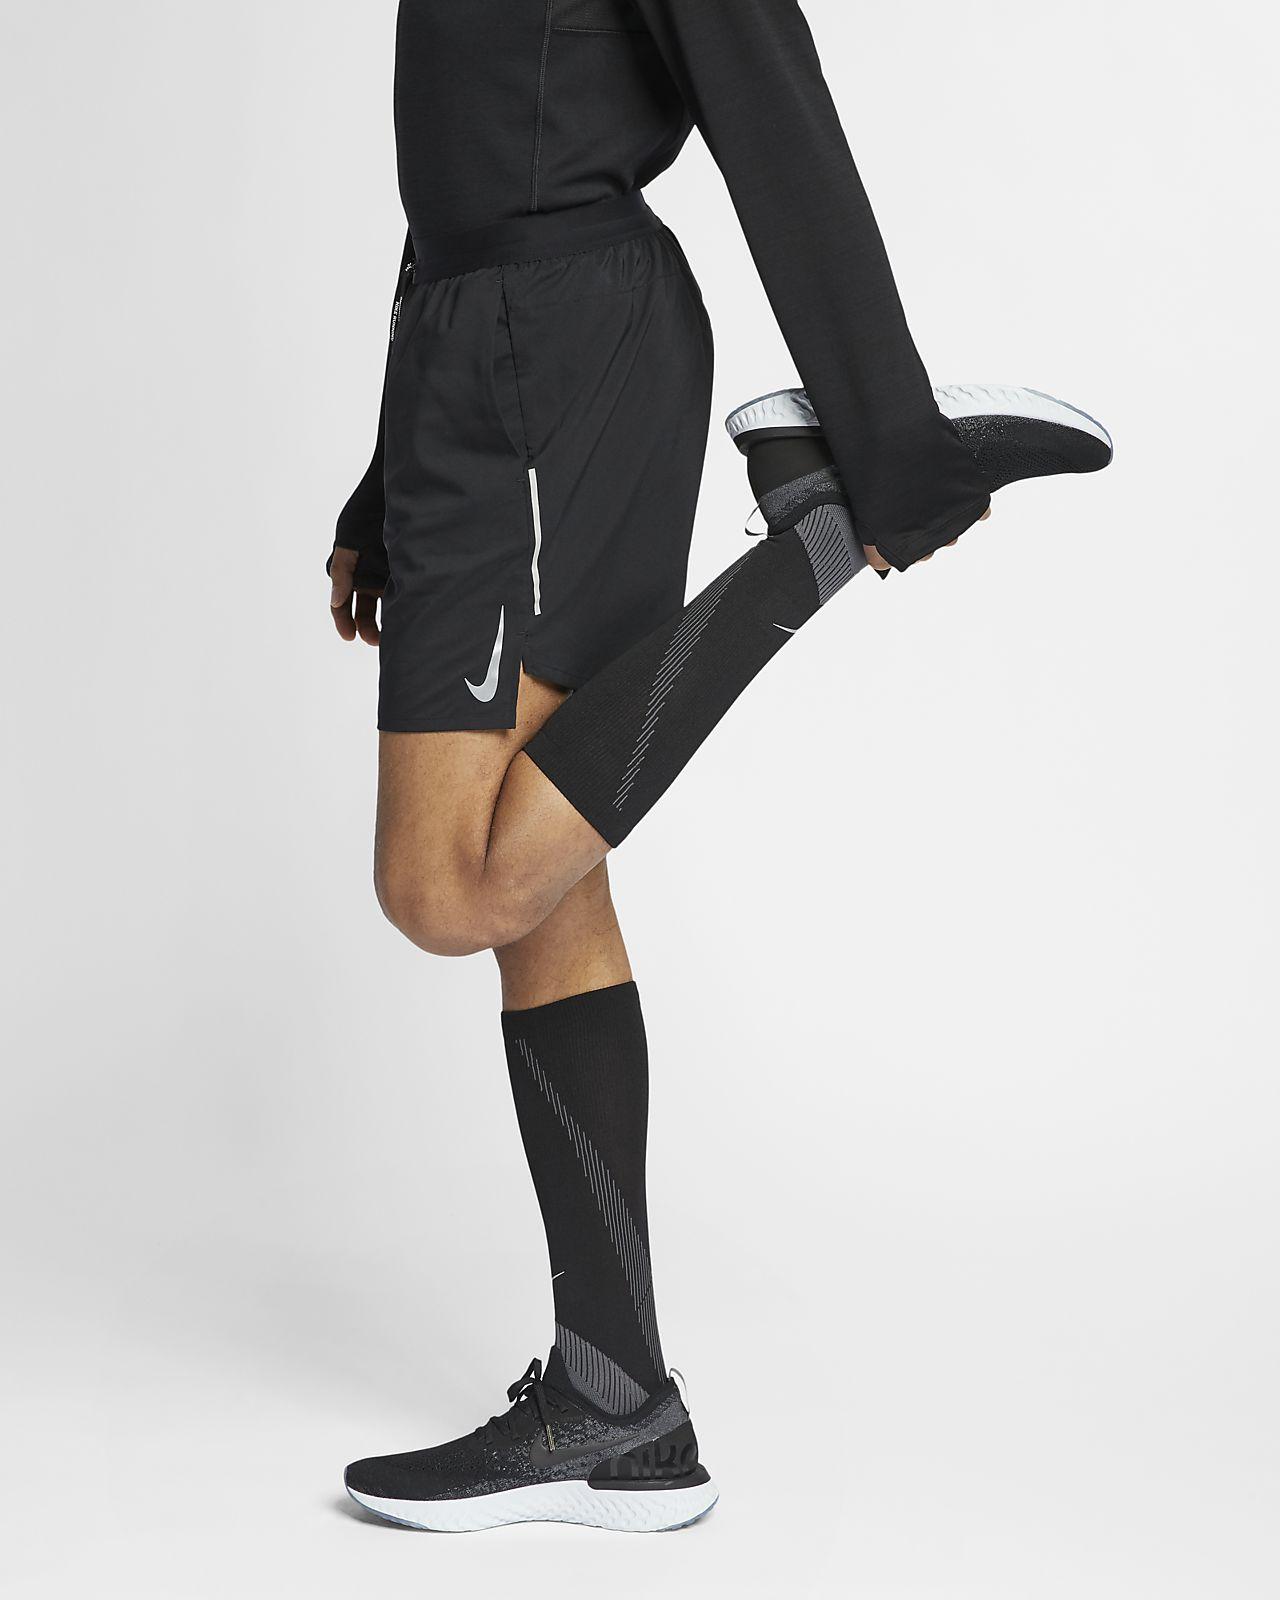 ナイキ フレックス ストライド メンズ 18cm ランニングショートパンツ